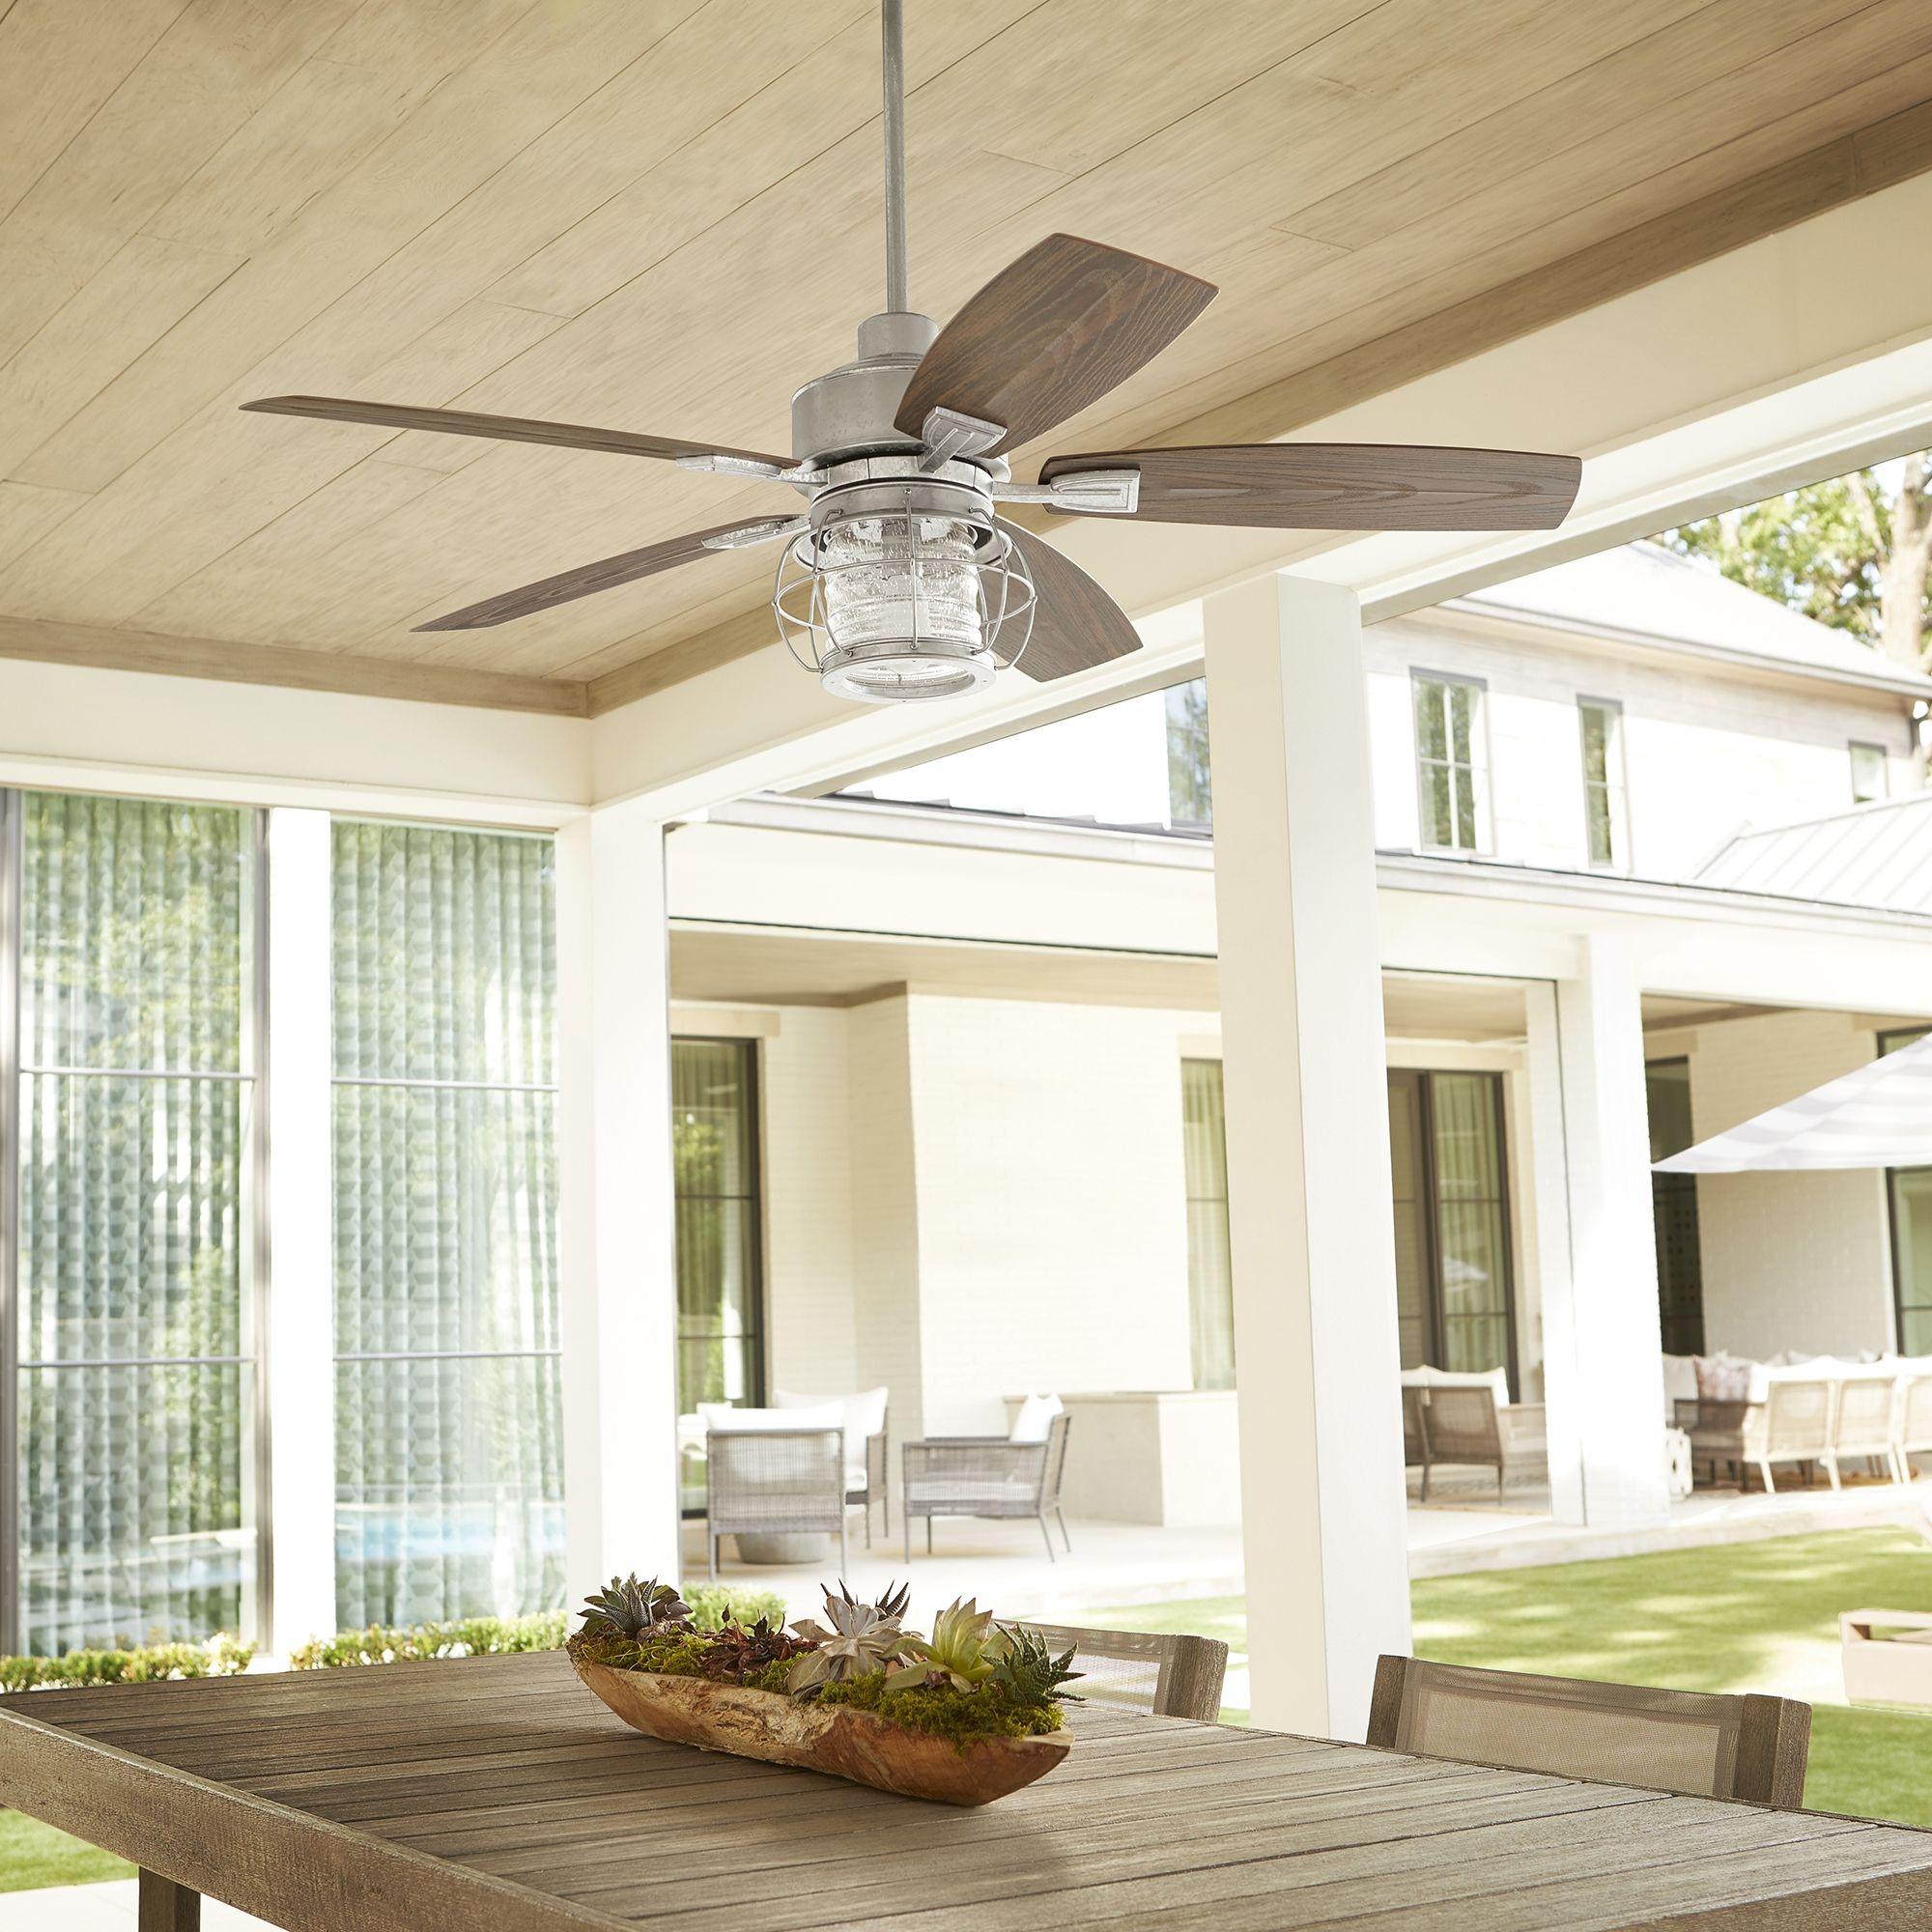 Quorum Galveston 52 Outdoor Ceiling Fan In Galvanized Ceiling Fan Outdoor Ceiling Fans Patio Fan